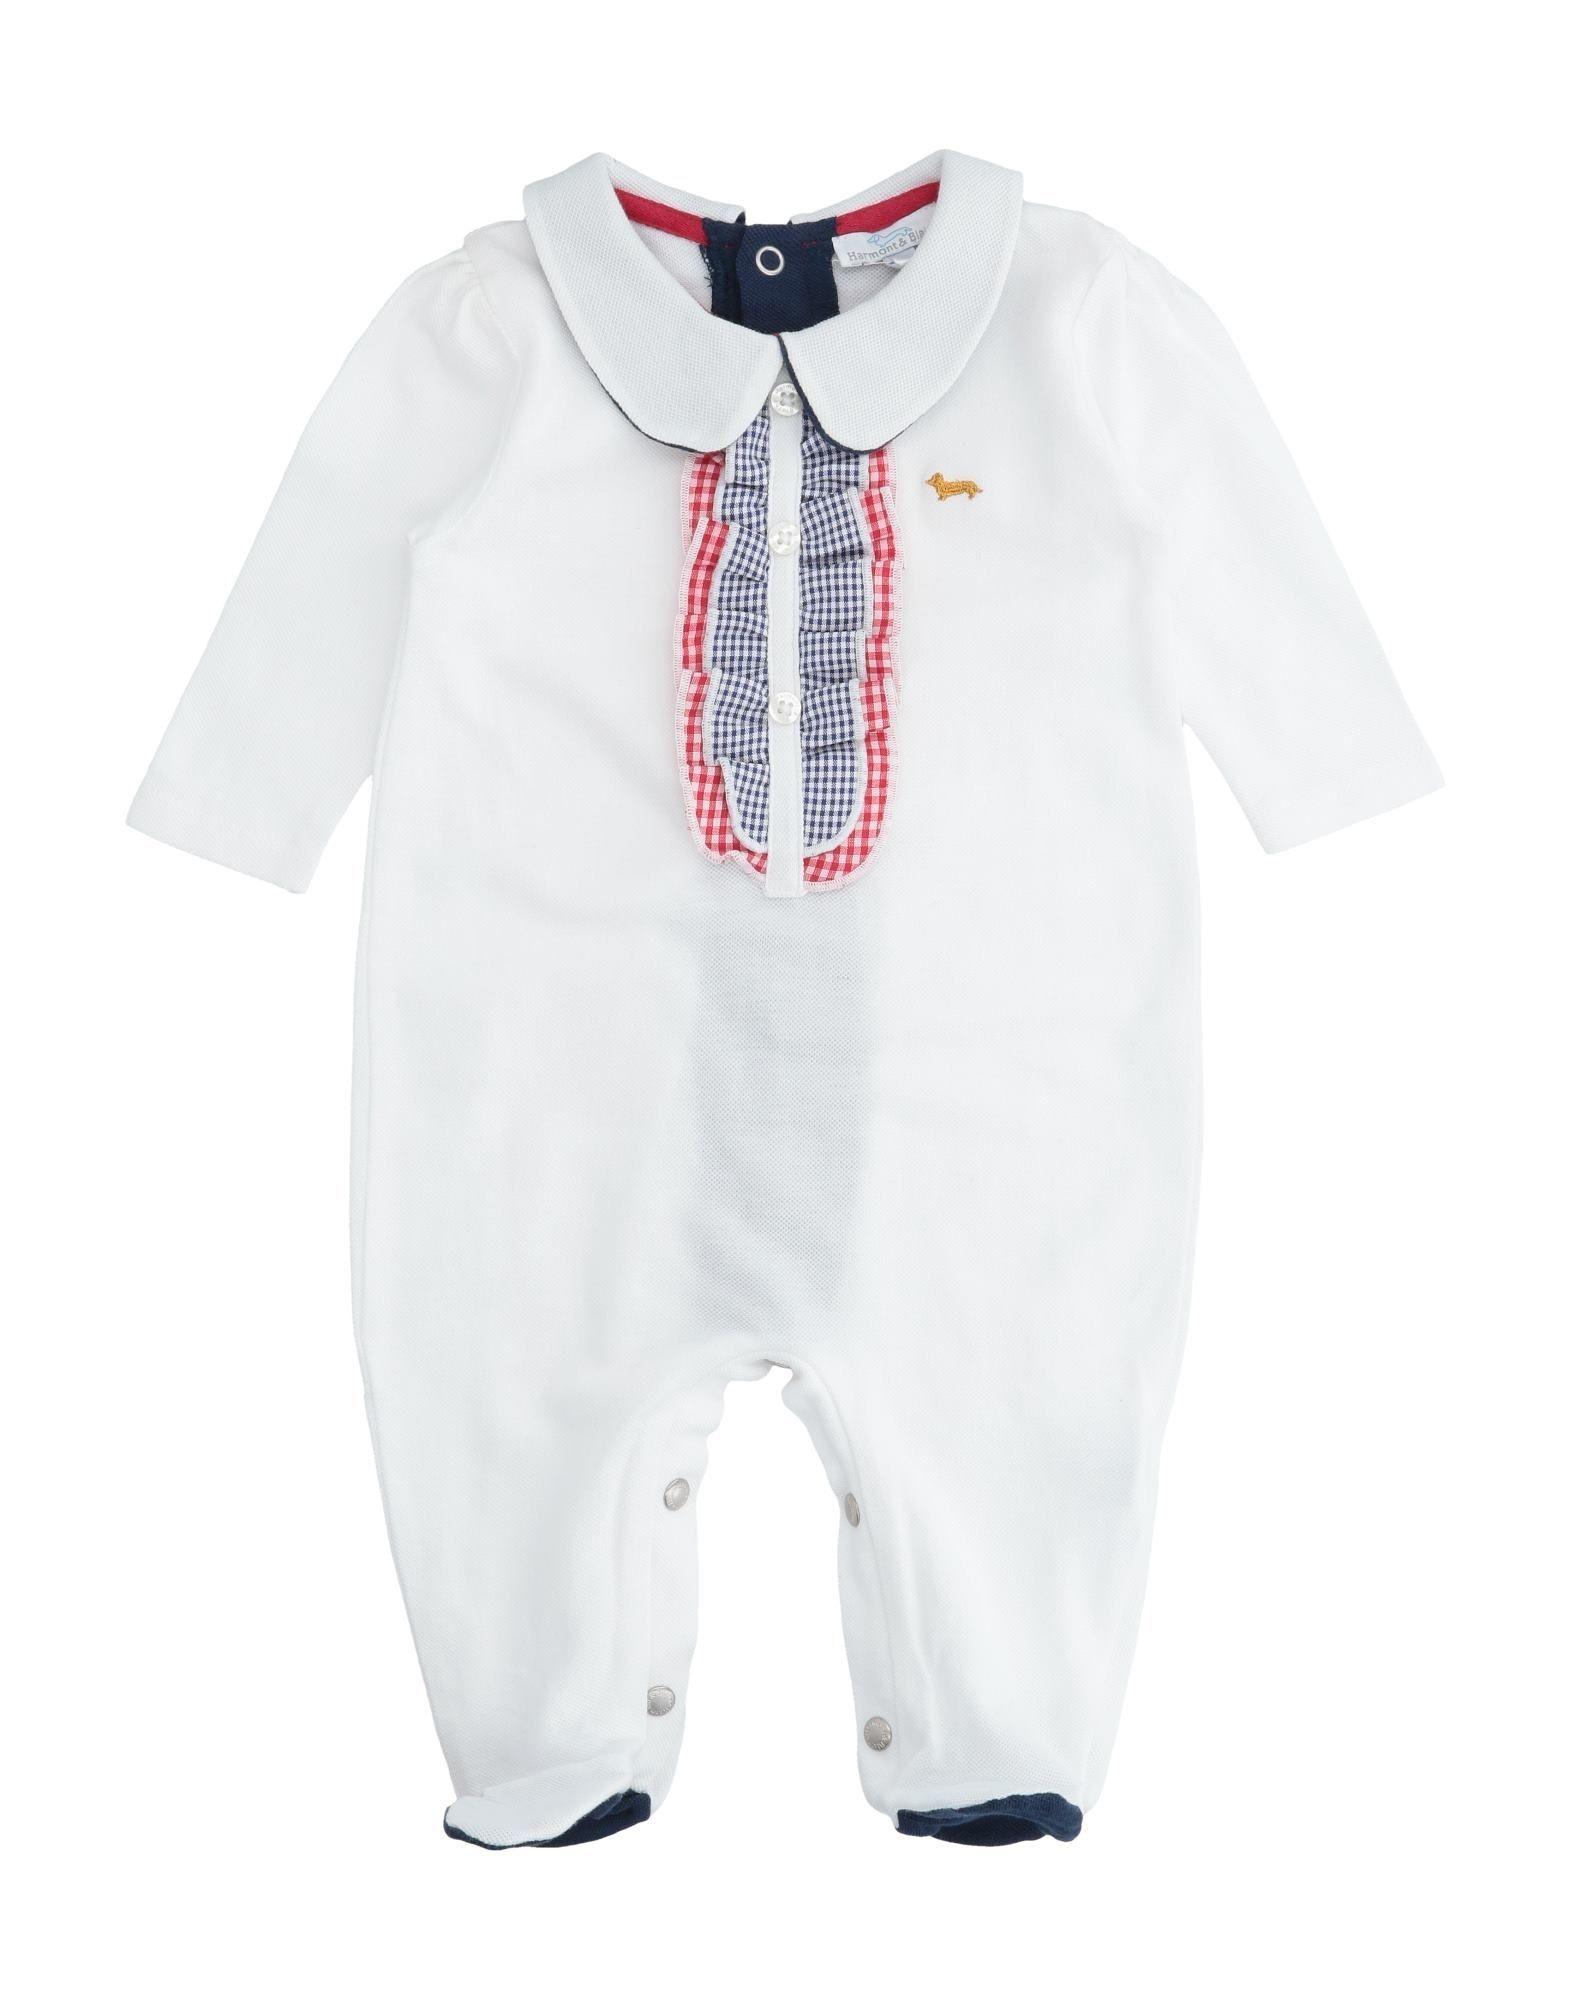 YOOX.COM(ユークス)《セール開催中》HARMONT & BLAINE ボーイズ 0-24 ヶ月 乳幼児用ロンパース ホワイト 6 コットン 100%